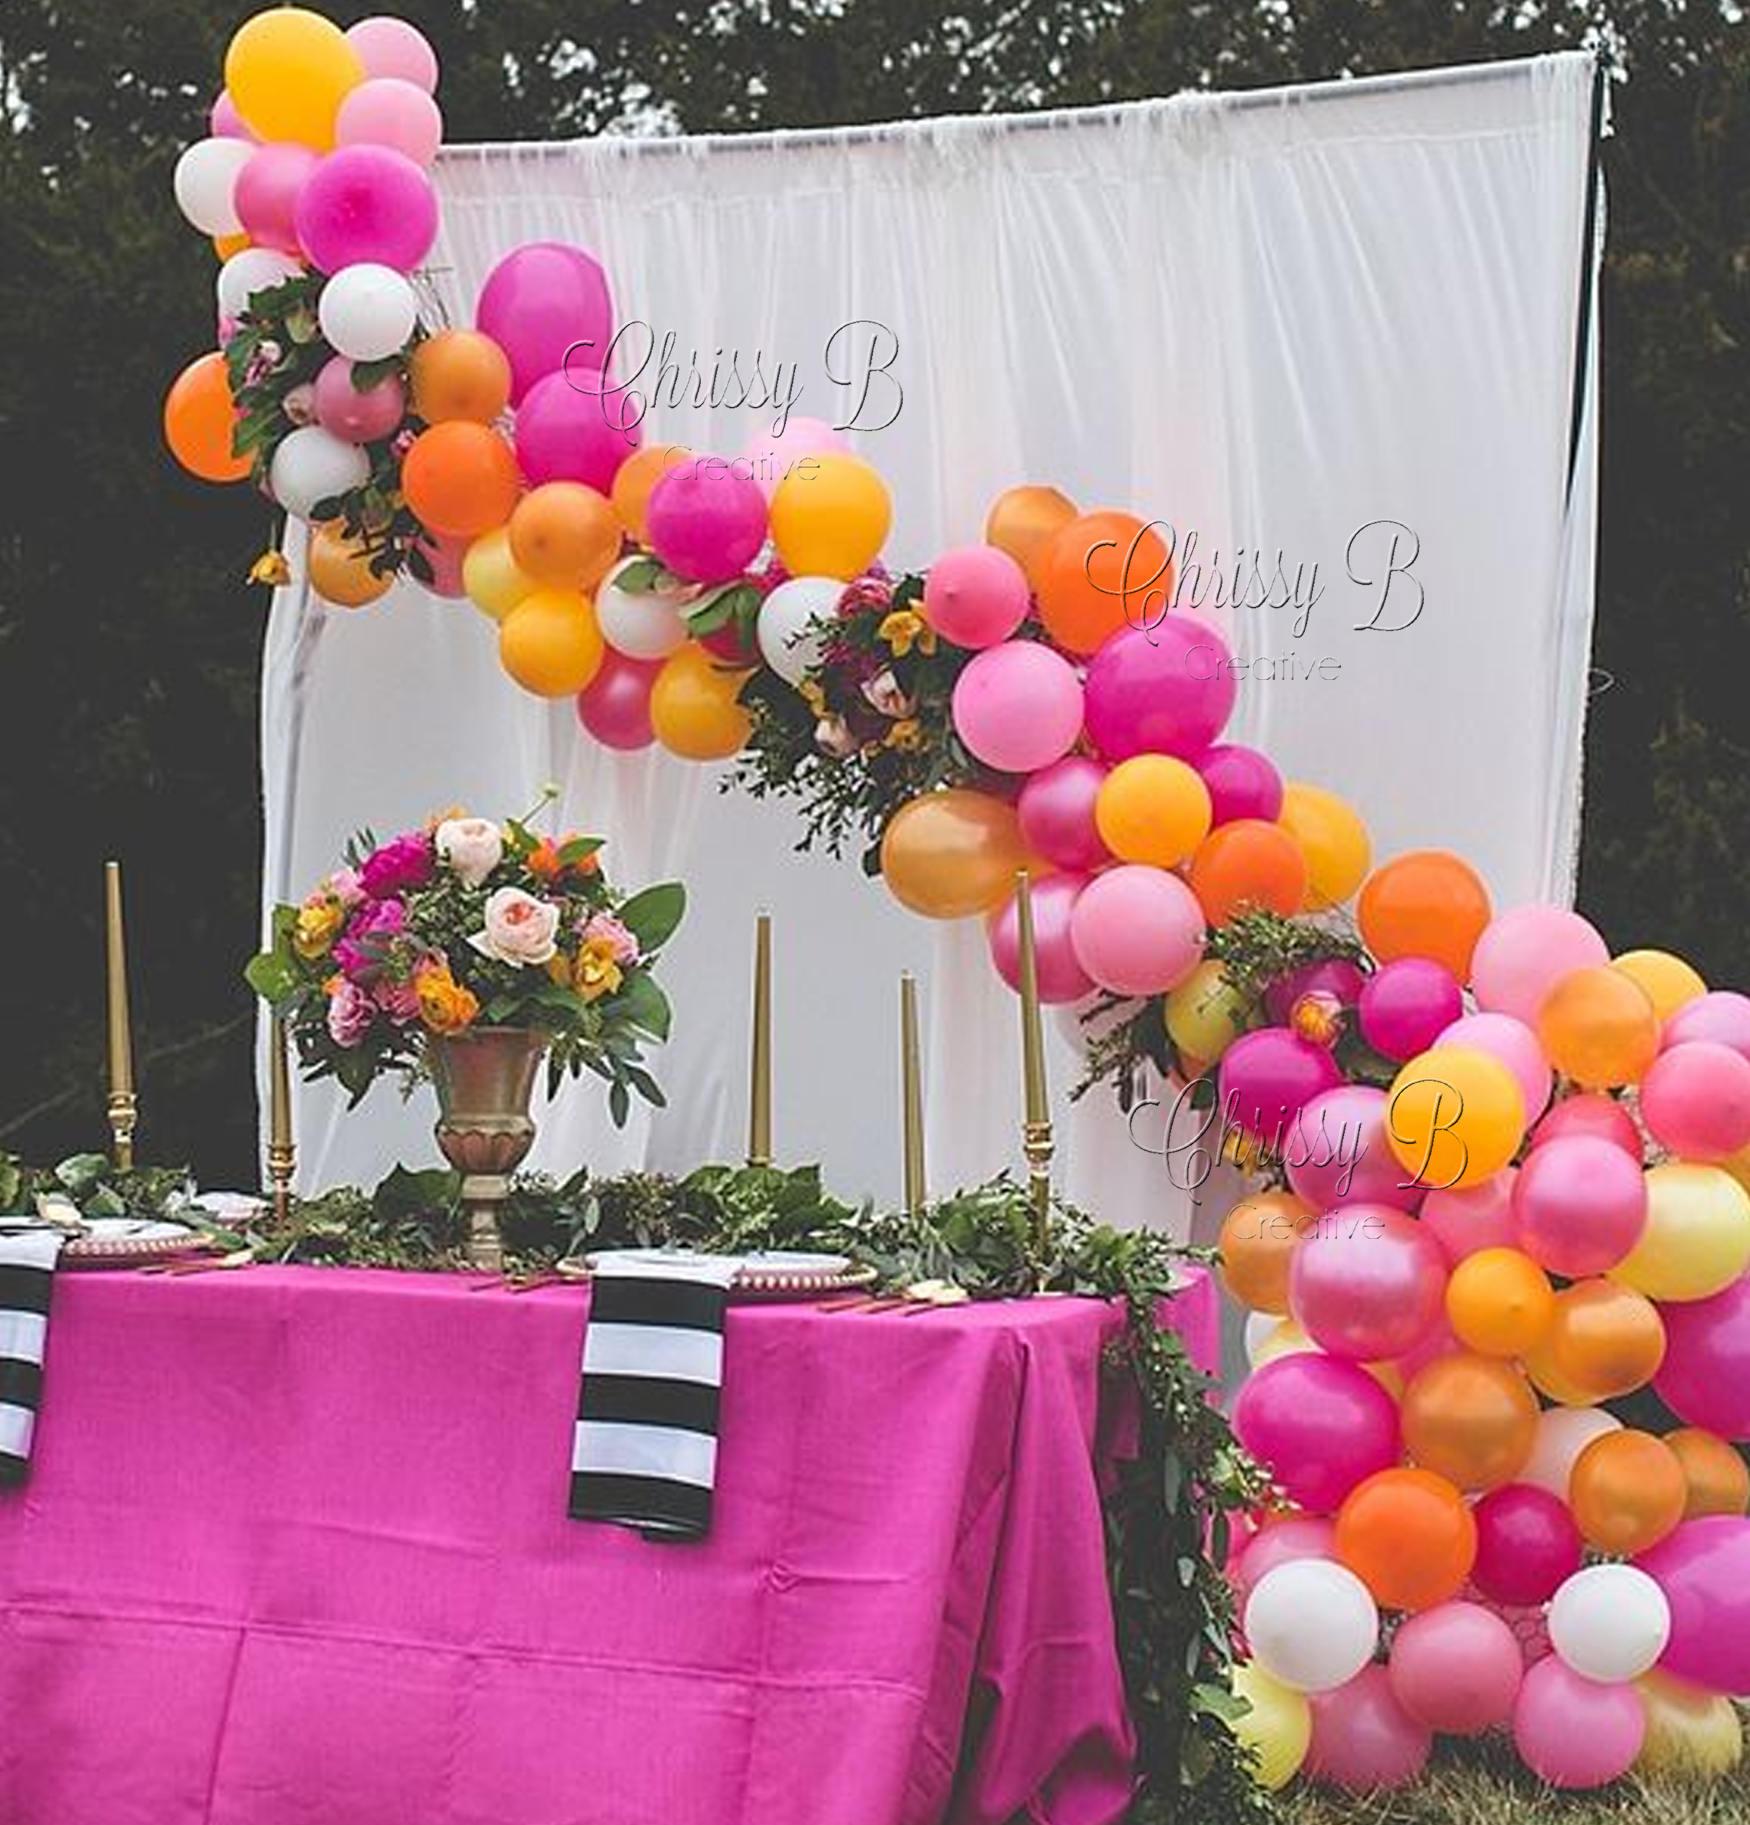 zoom Balloon Garland DIY Kit Kate Spade